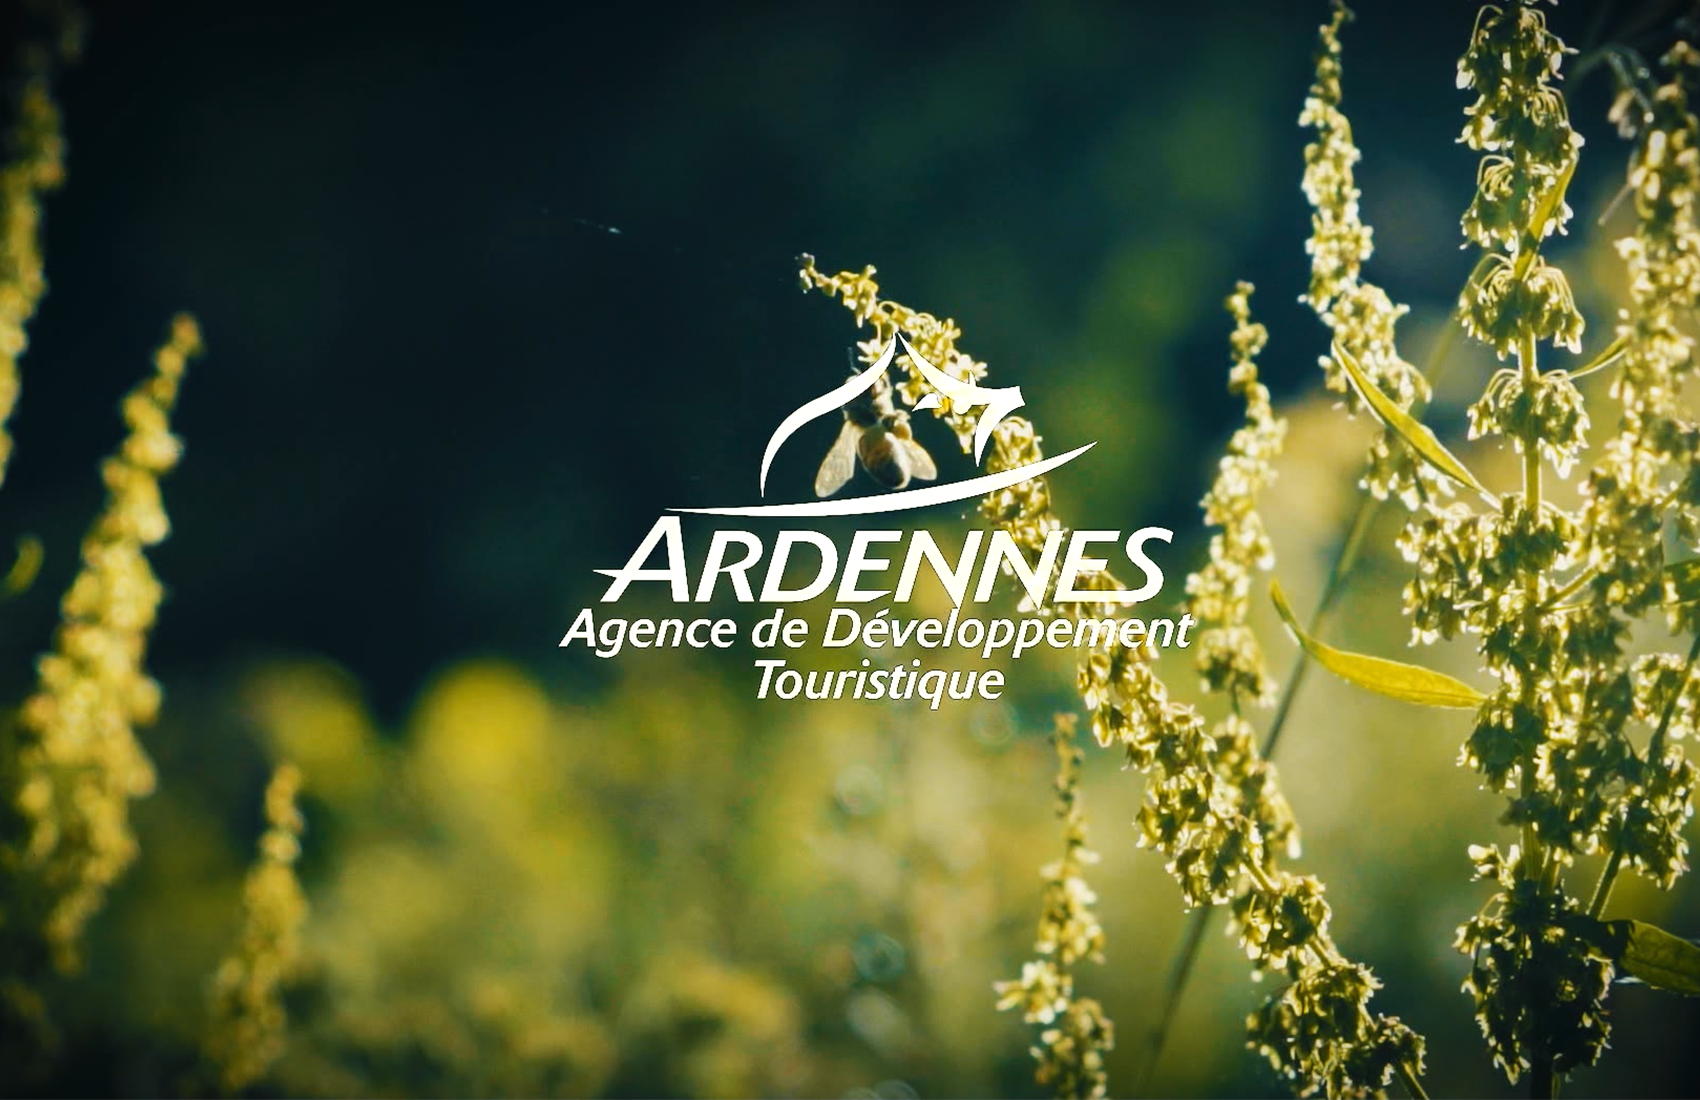 Ardennes / Tourisme